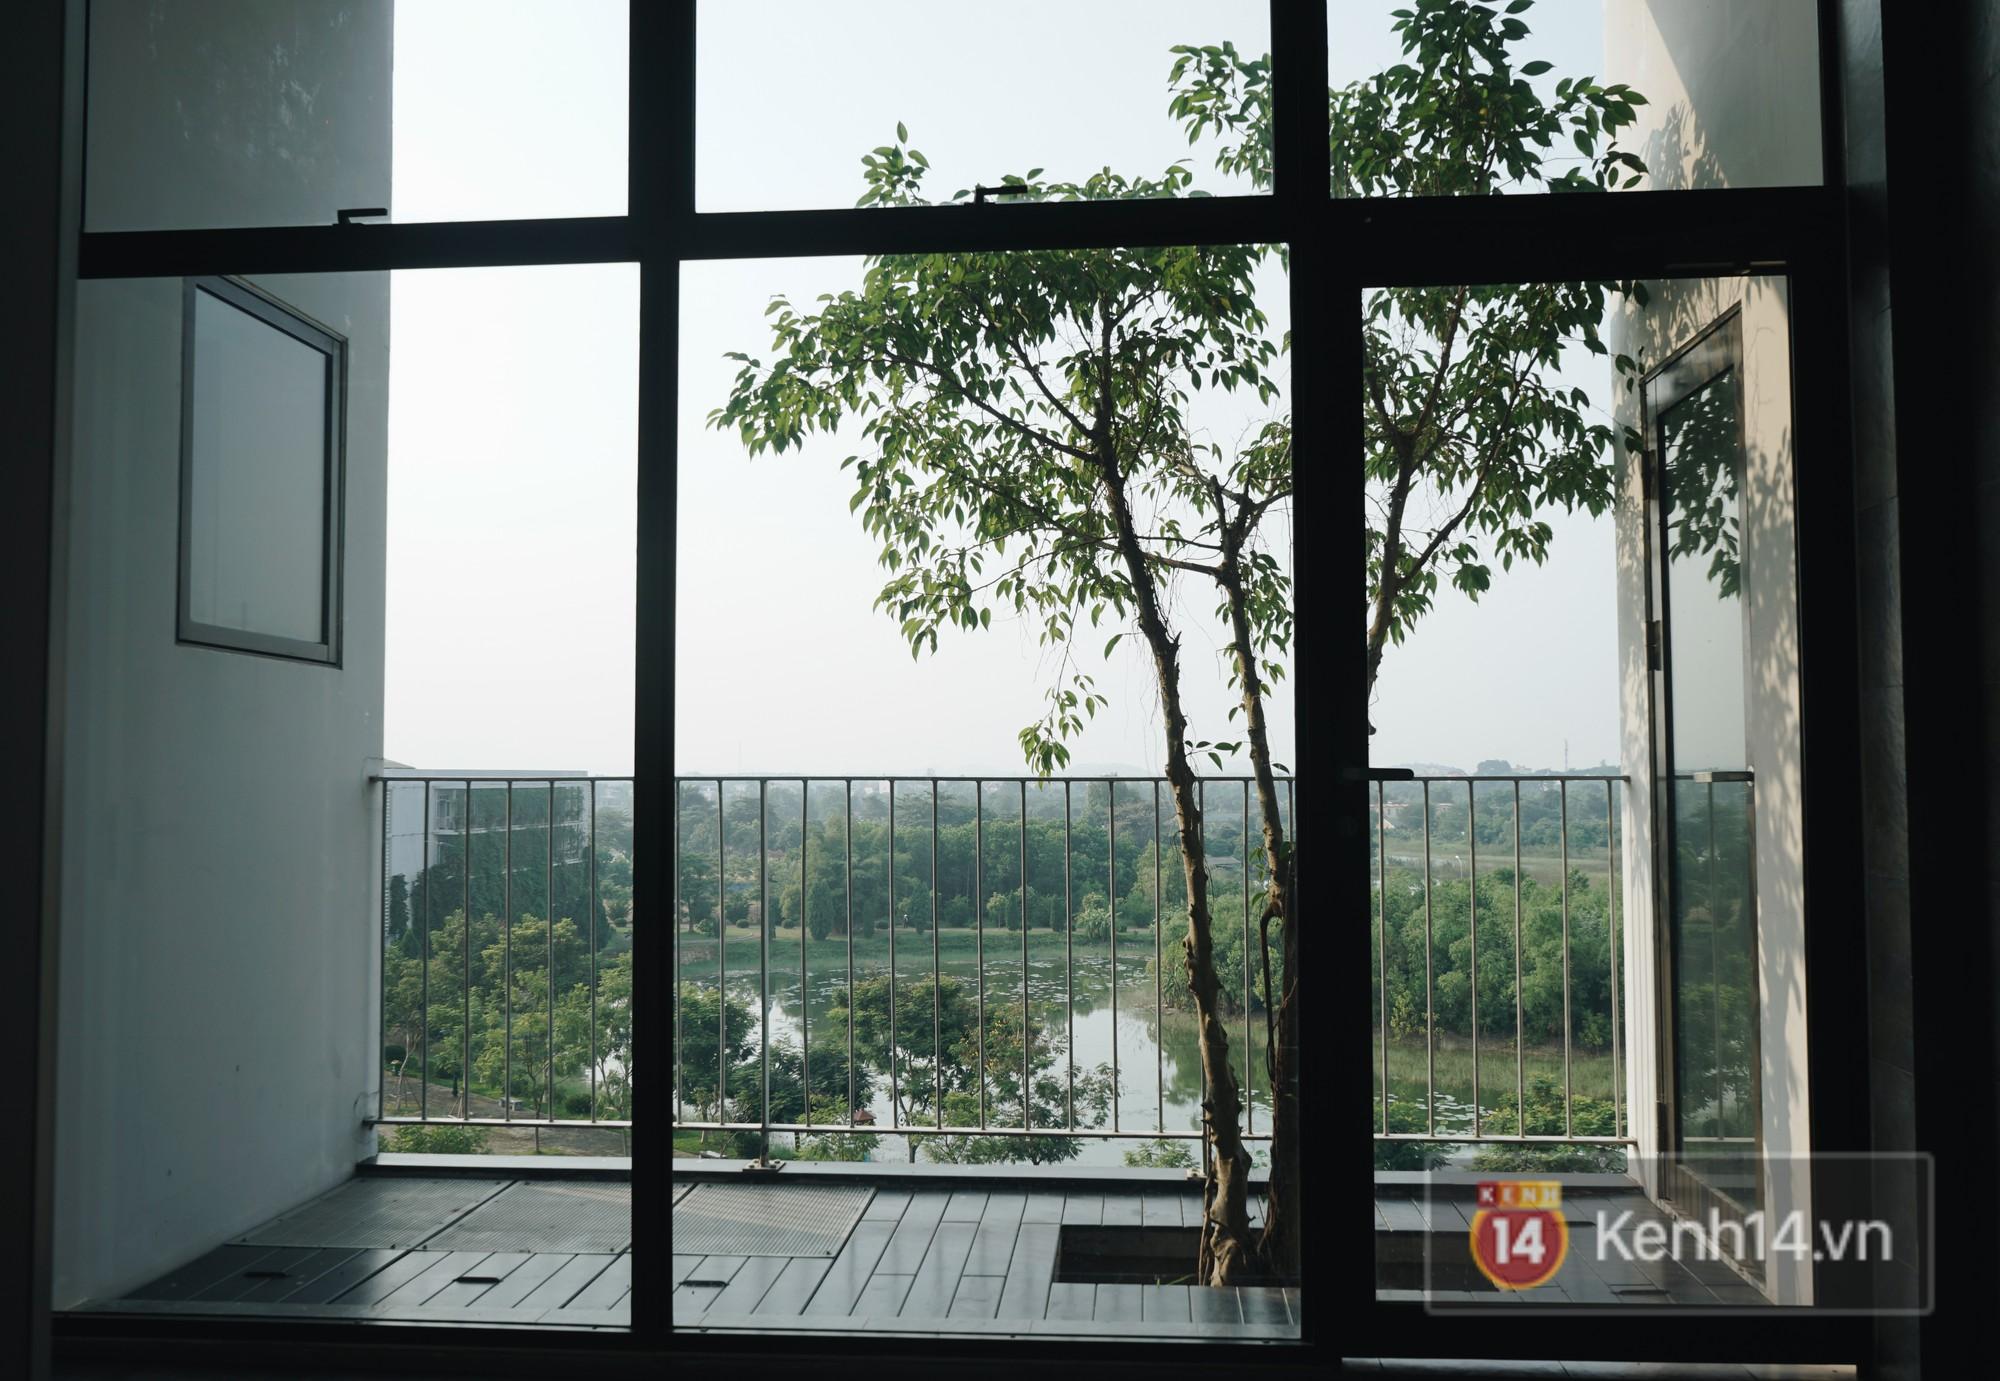 Nhà vệ sinh lộ thiên sang chảnh như khách sạn của Đại học FPT: Vừa giải quyết nỗi buồn vừa ngắm mây trời, hoa lá - Ảnh 3.